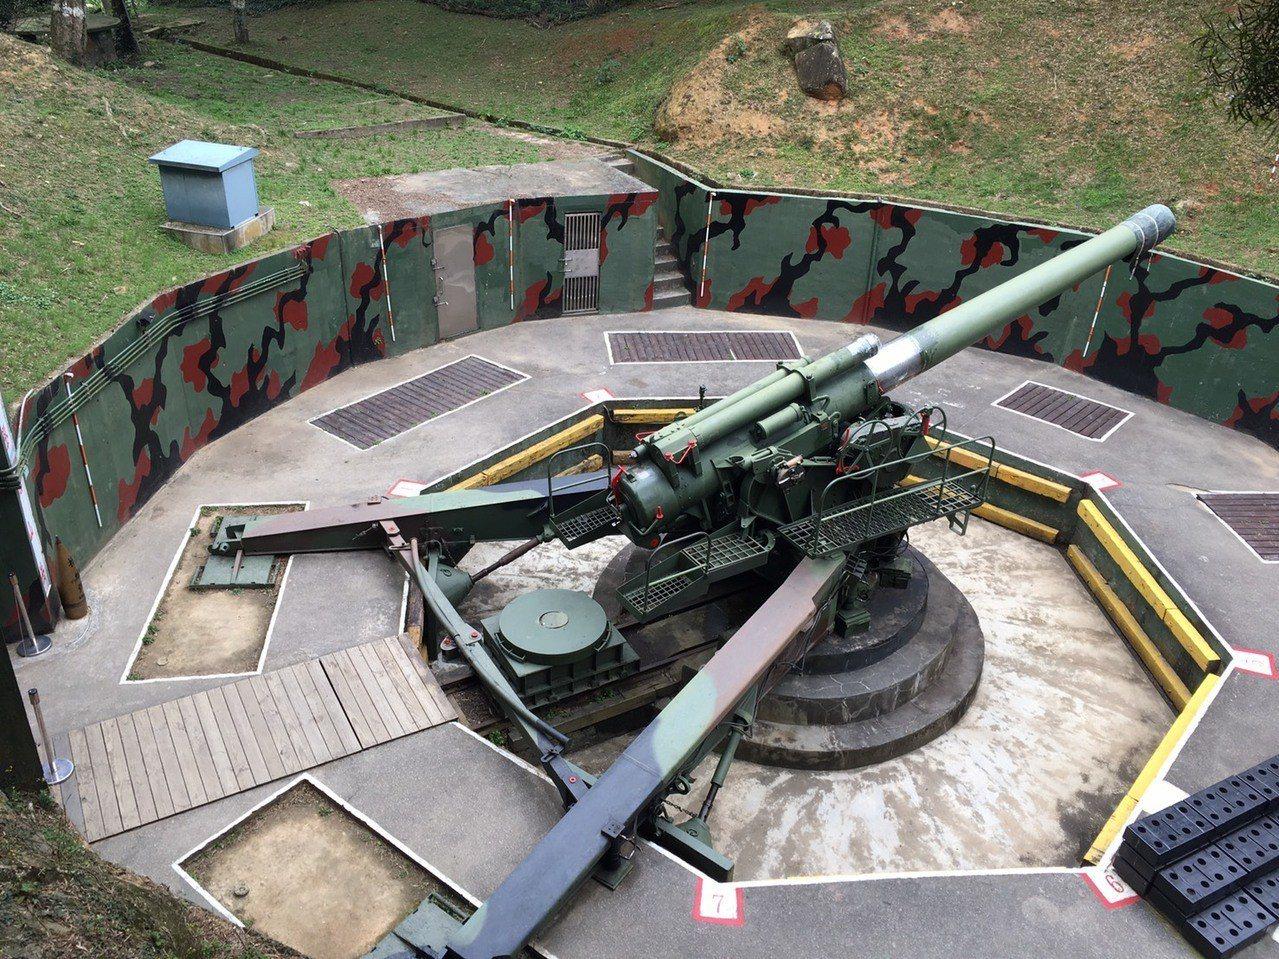 大砲連240巨砲被稱為馬祖「鎮島之寶」,僅限台灣人參觀。記者吳姿賢/攝影